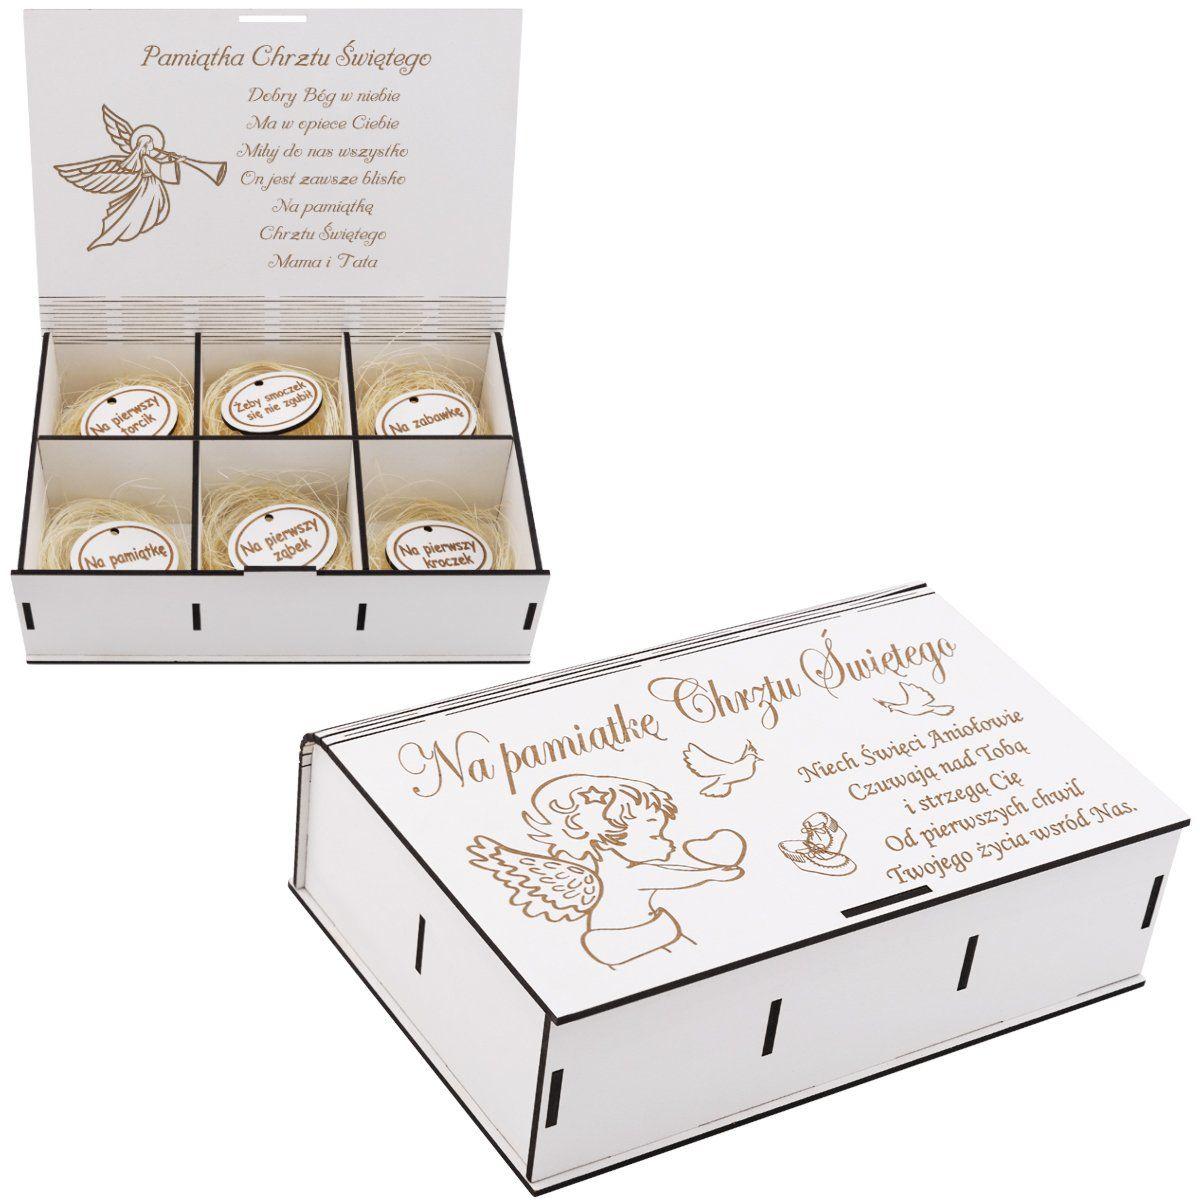 Pudełko wspomnień Pamiątka chrztu Świętego z Grawerem